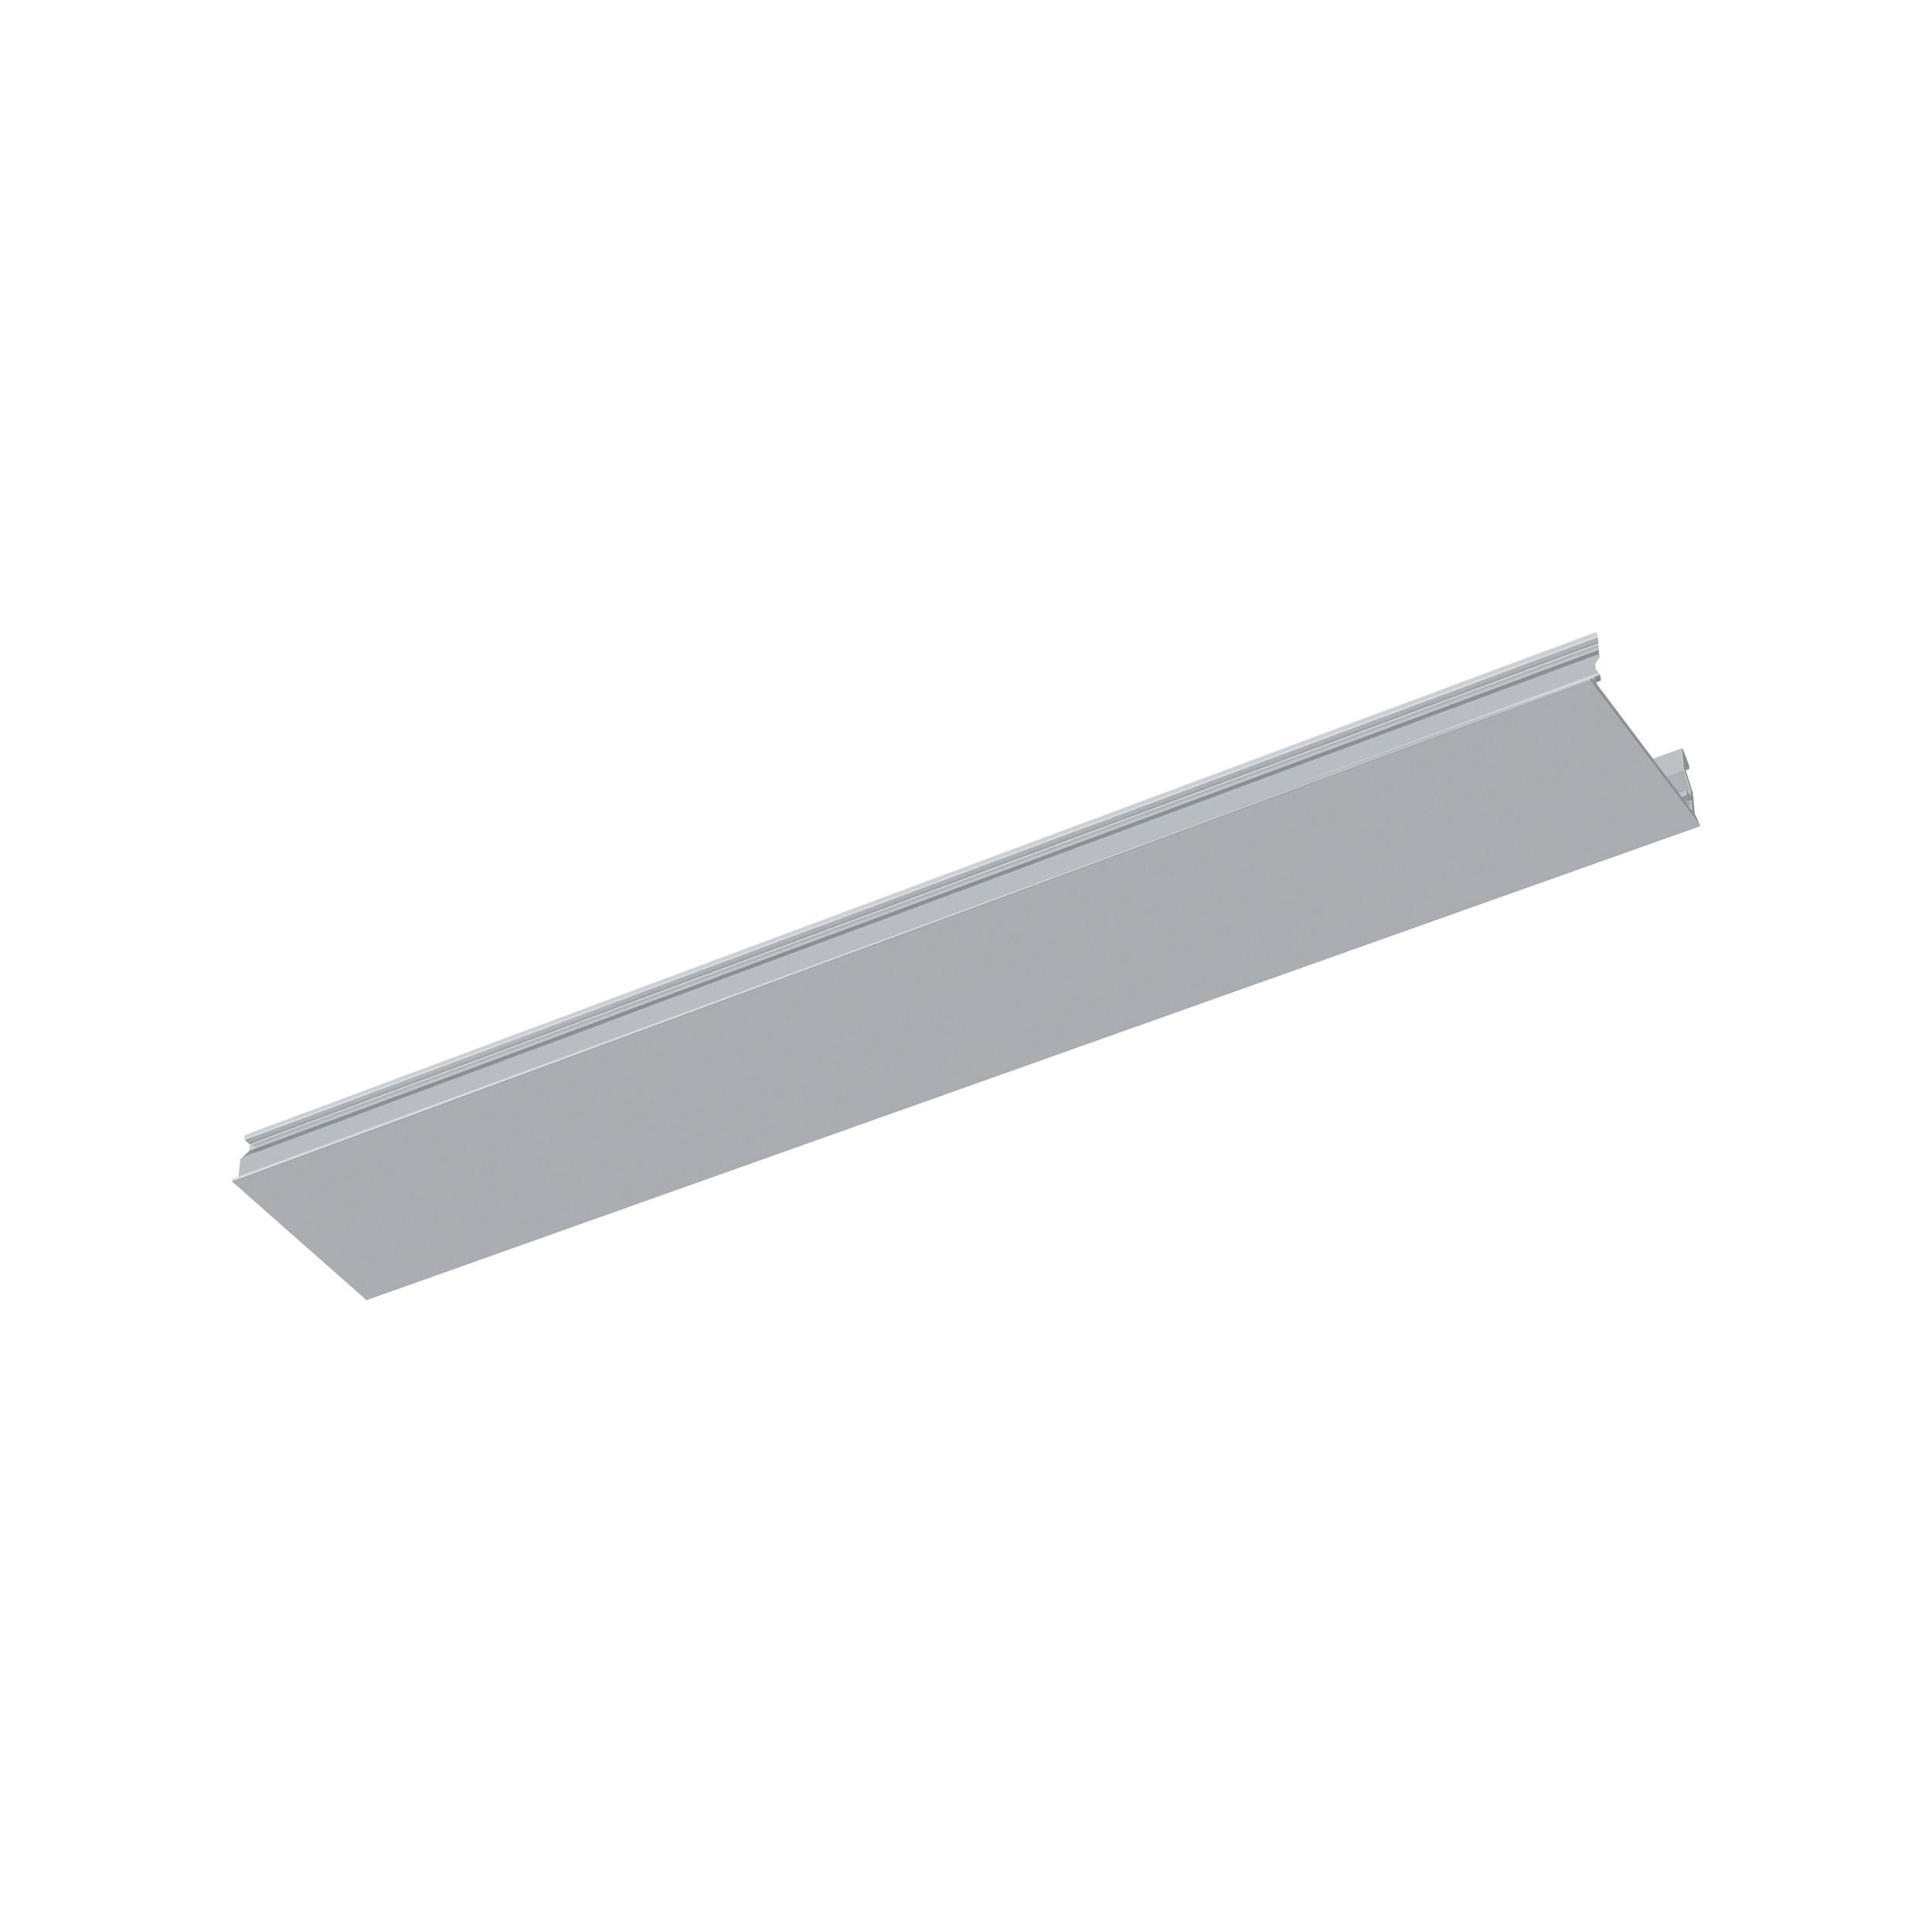 1 Stk Abdeckung Aluminium eloxiert, L-2850mm LI65347---